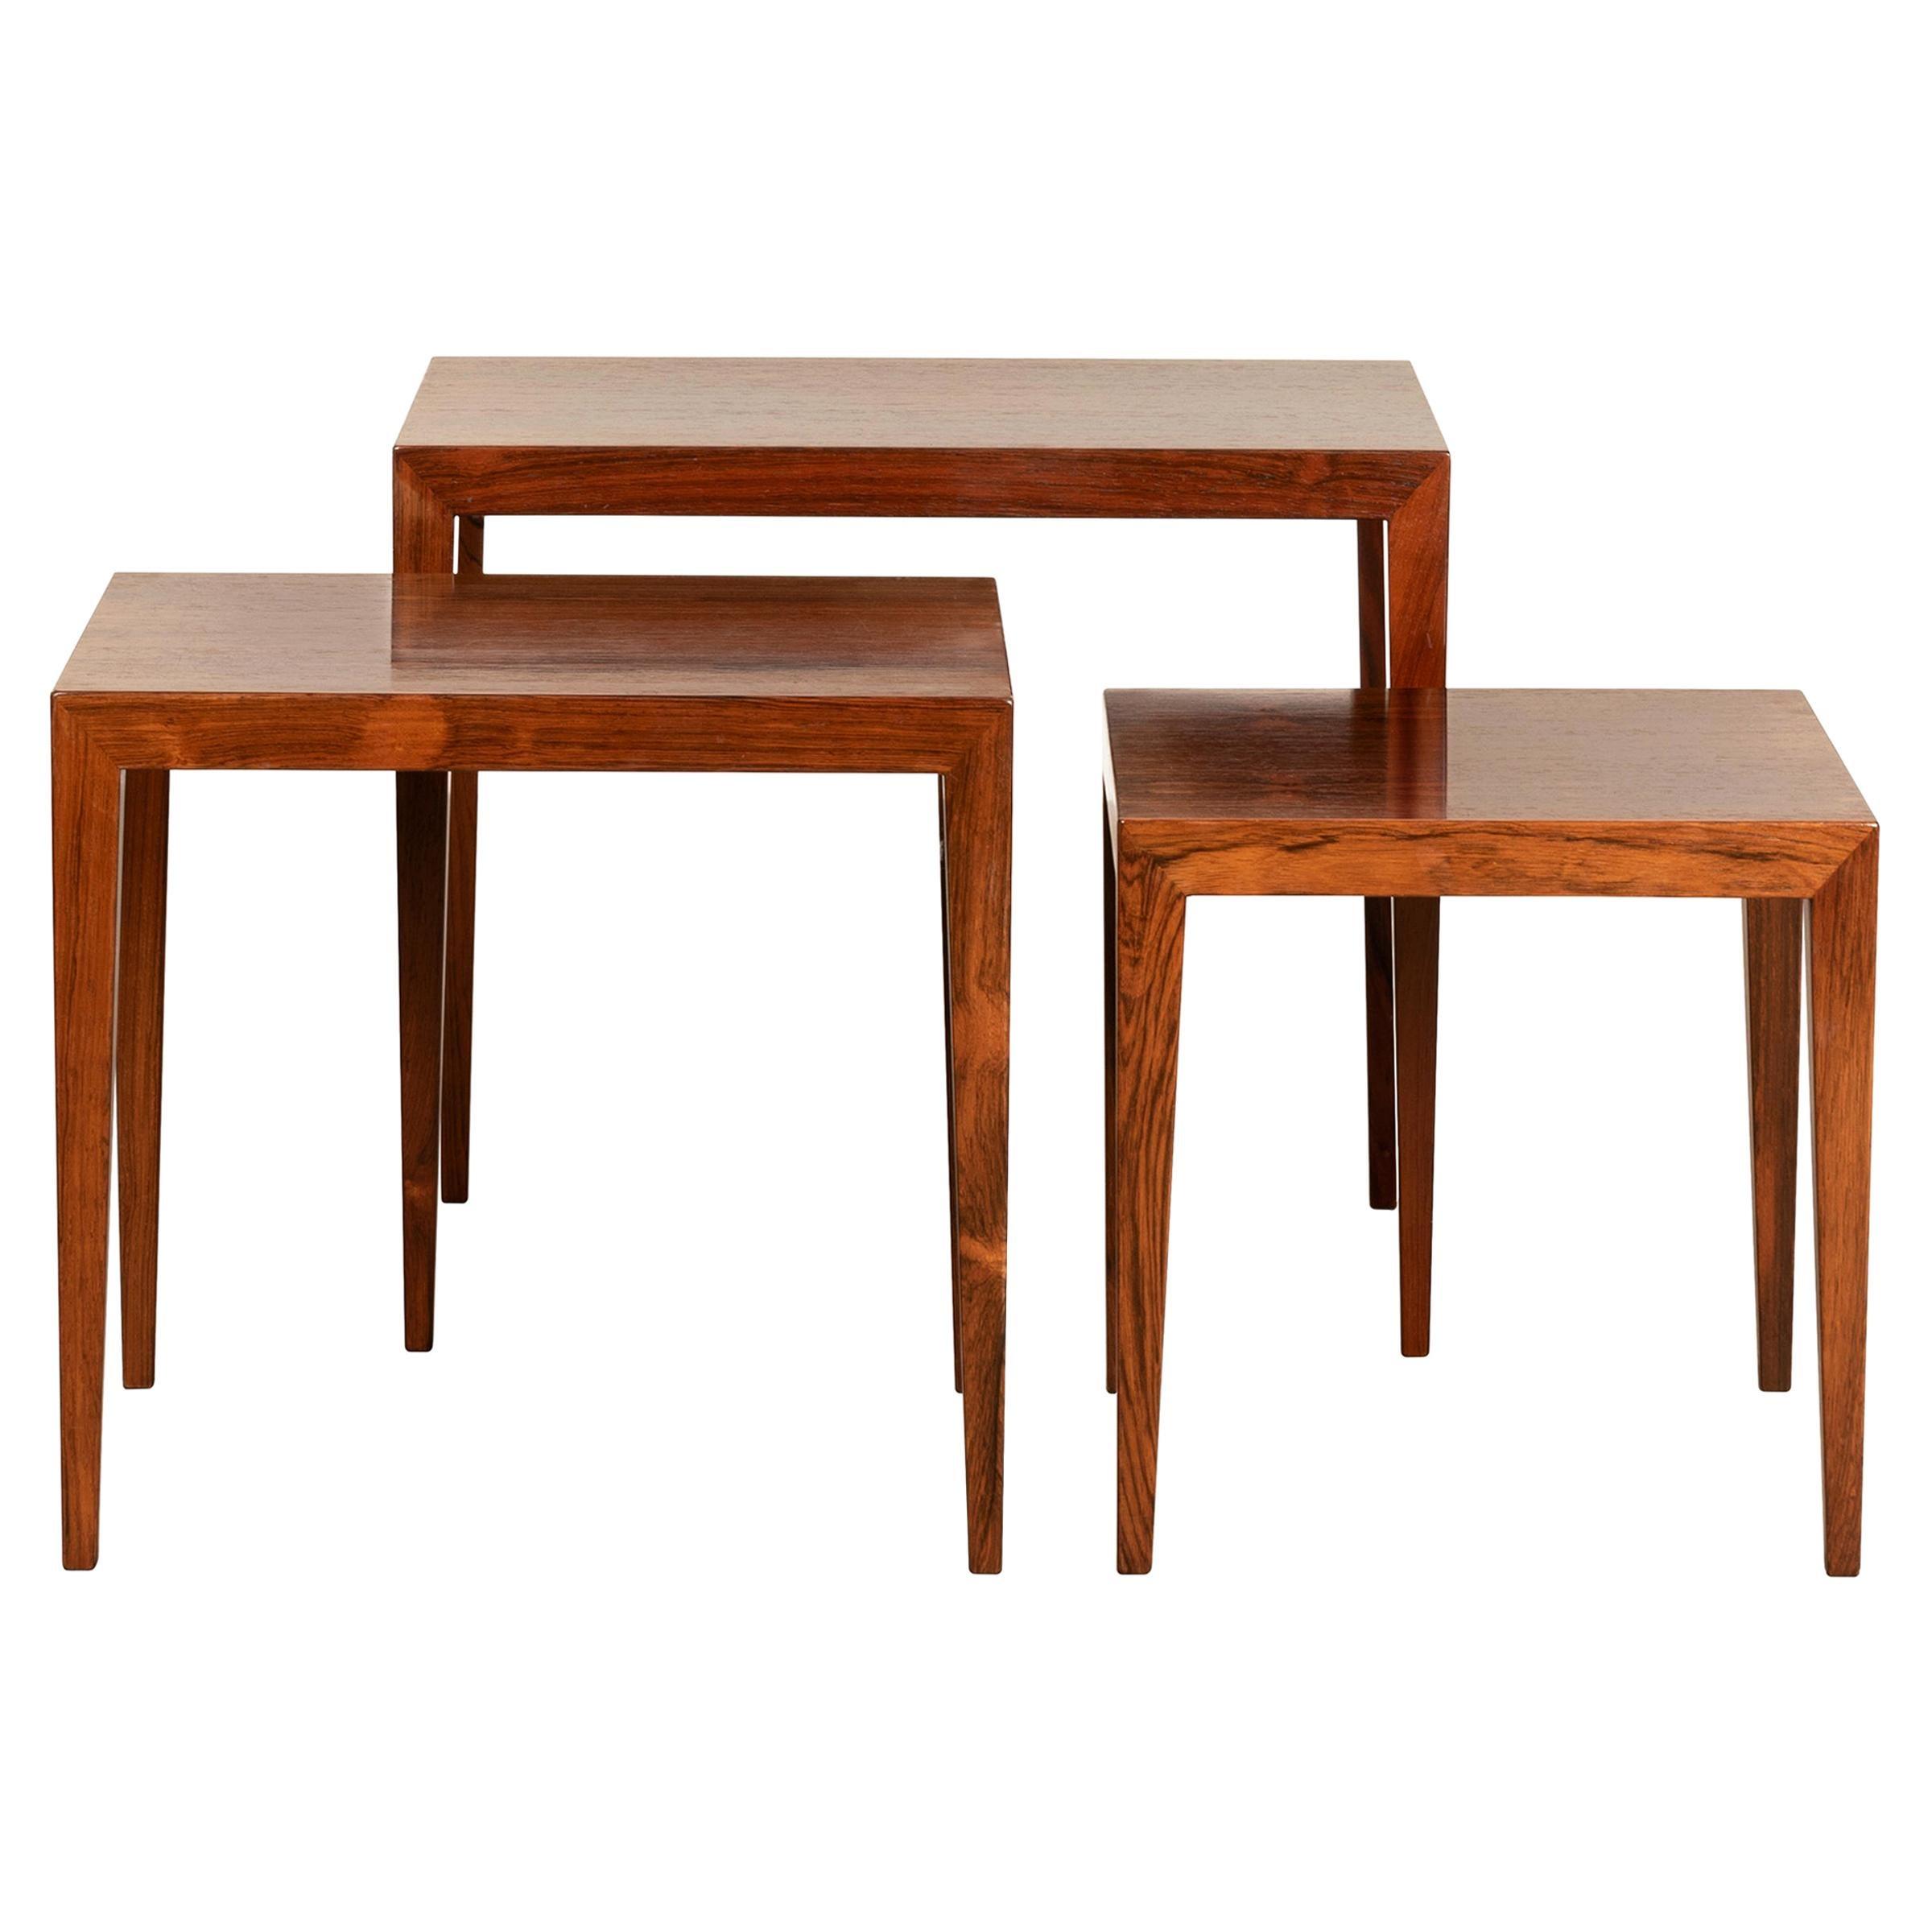 Severin Hansen Jr. Nesting Tables in Rosewood for Haslev Møbelsnedskeri, Denmark